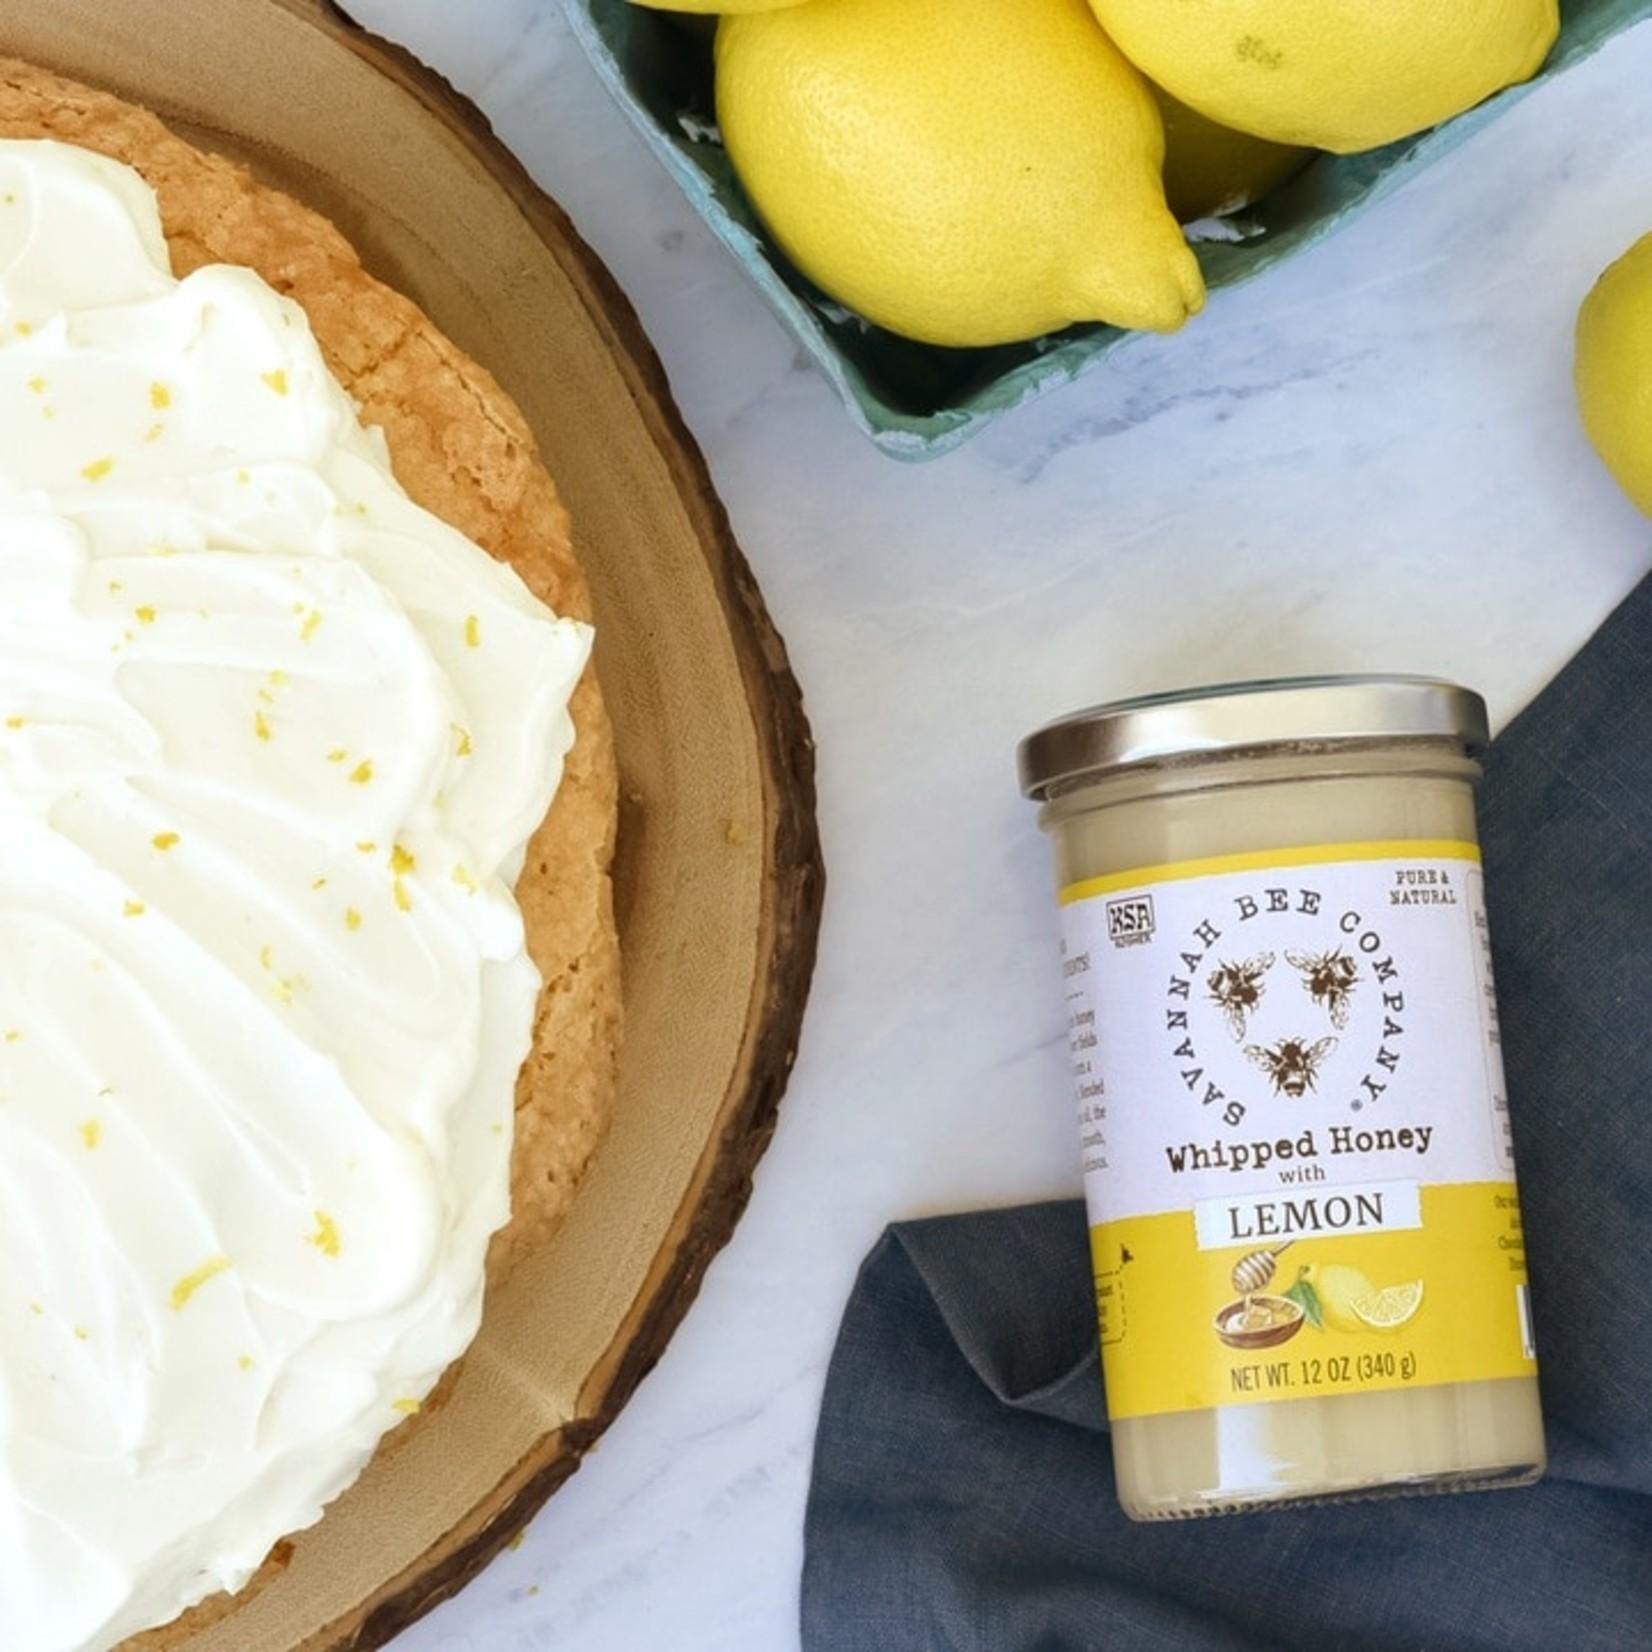 Savannah Bee Company Whipped Honey with Lemon